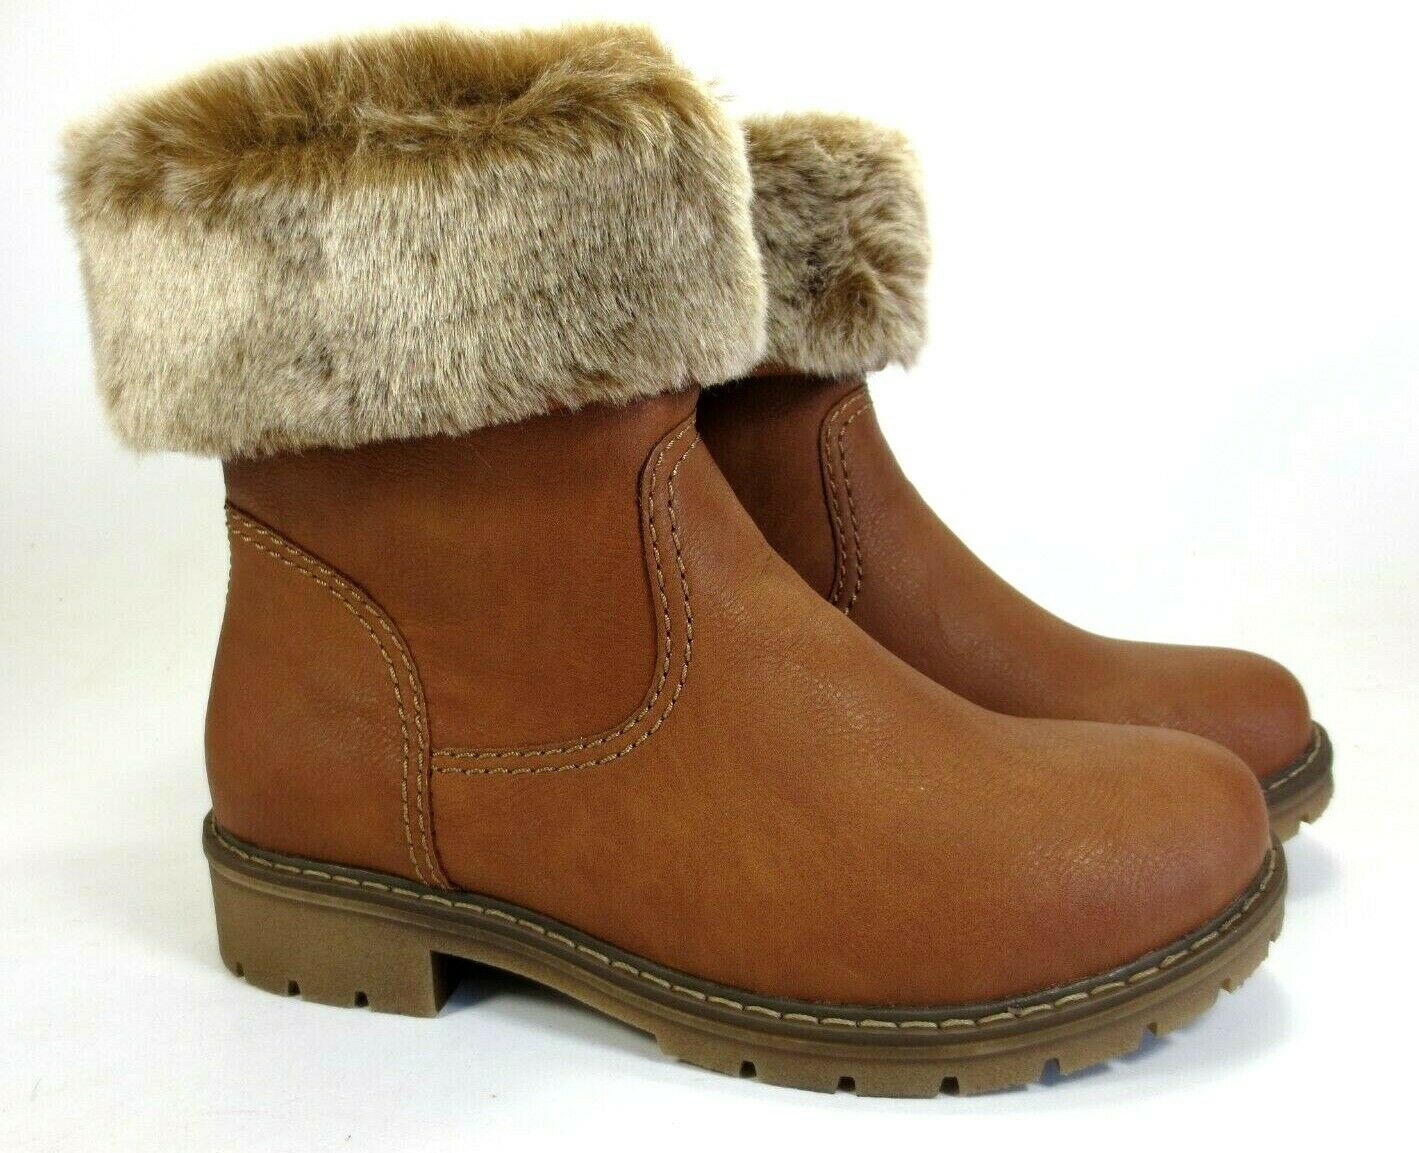 RIEKER Winter Schuhe Stiefel warm gefüttert braun Stiefeletten NEU